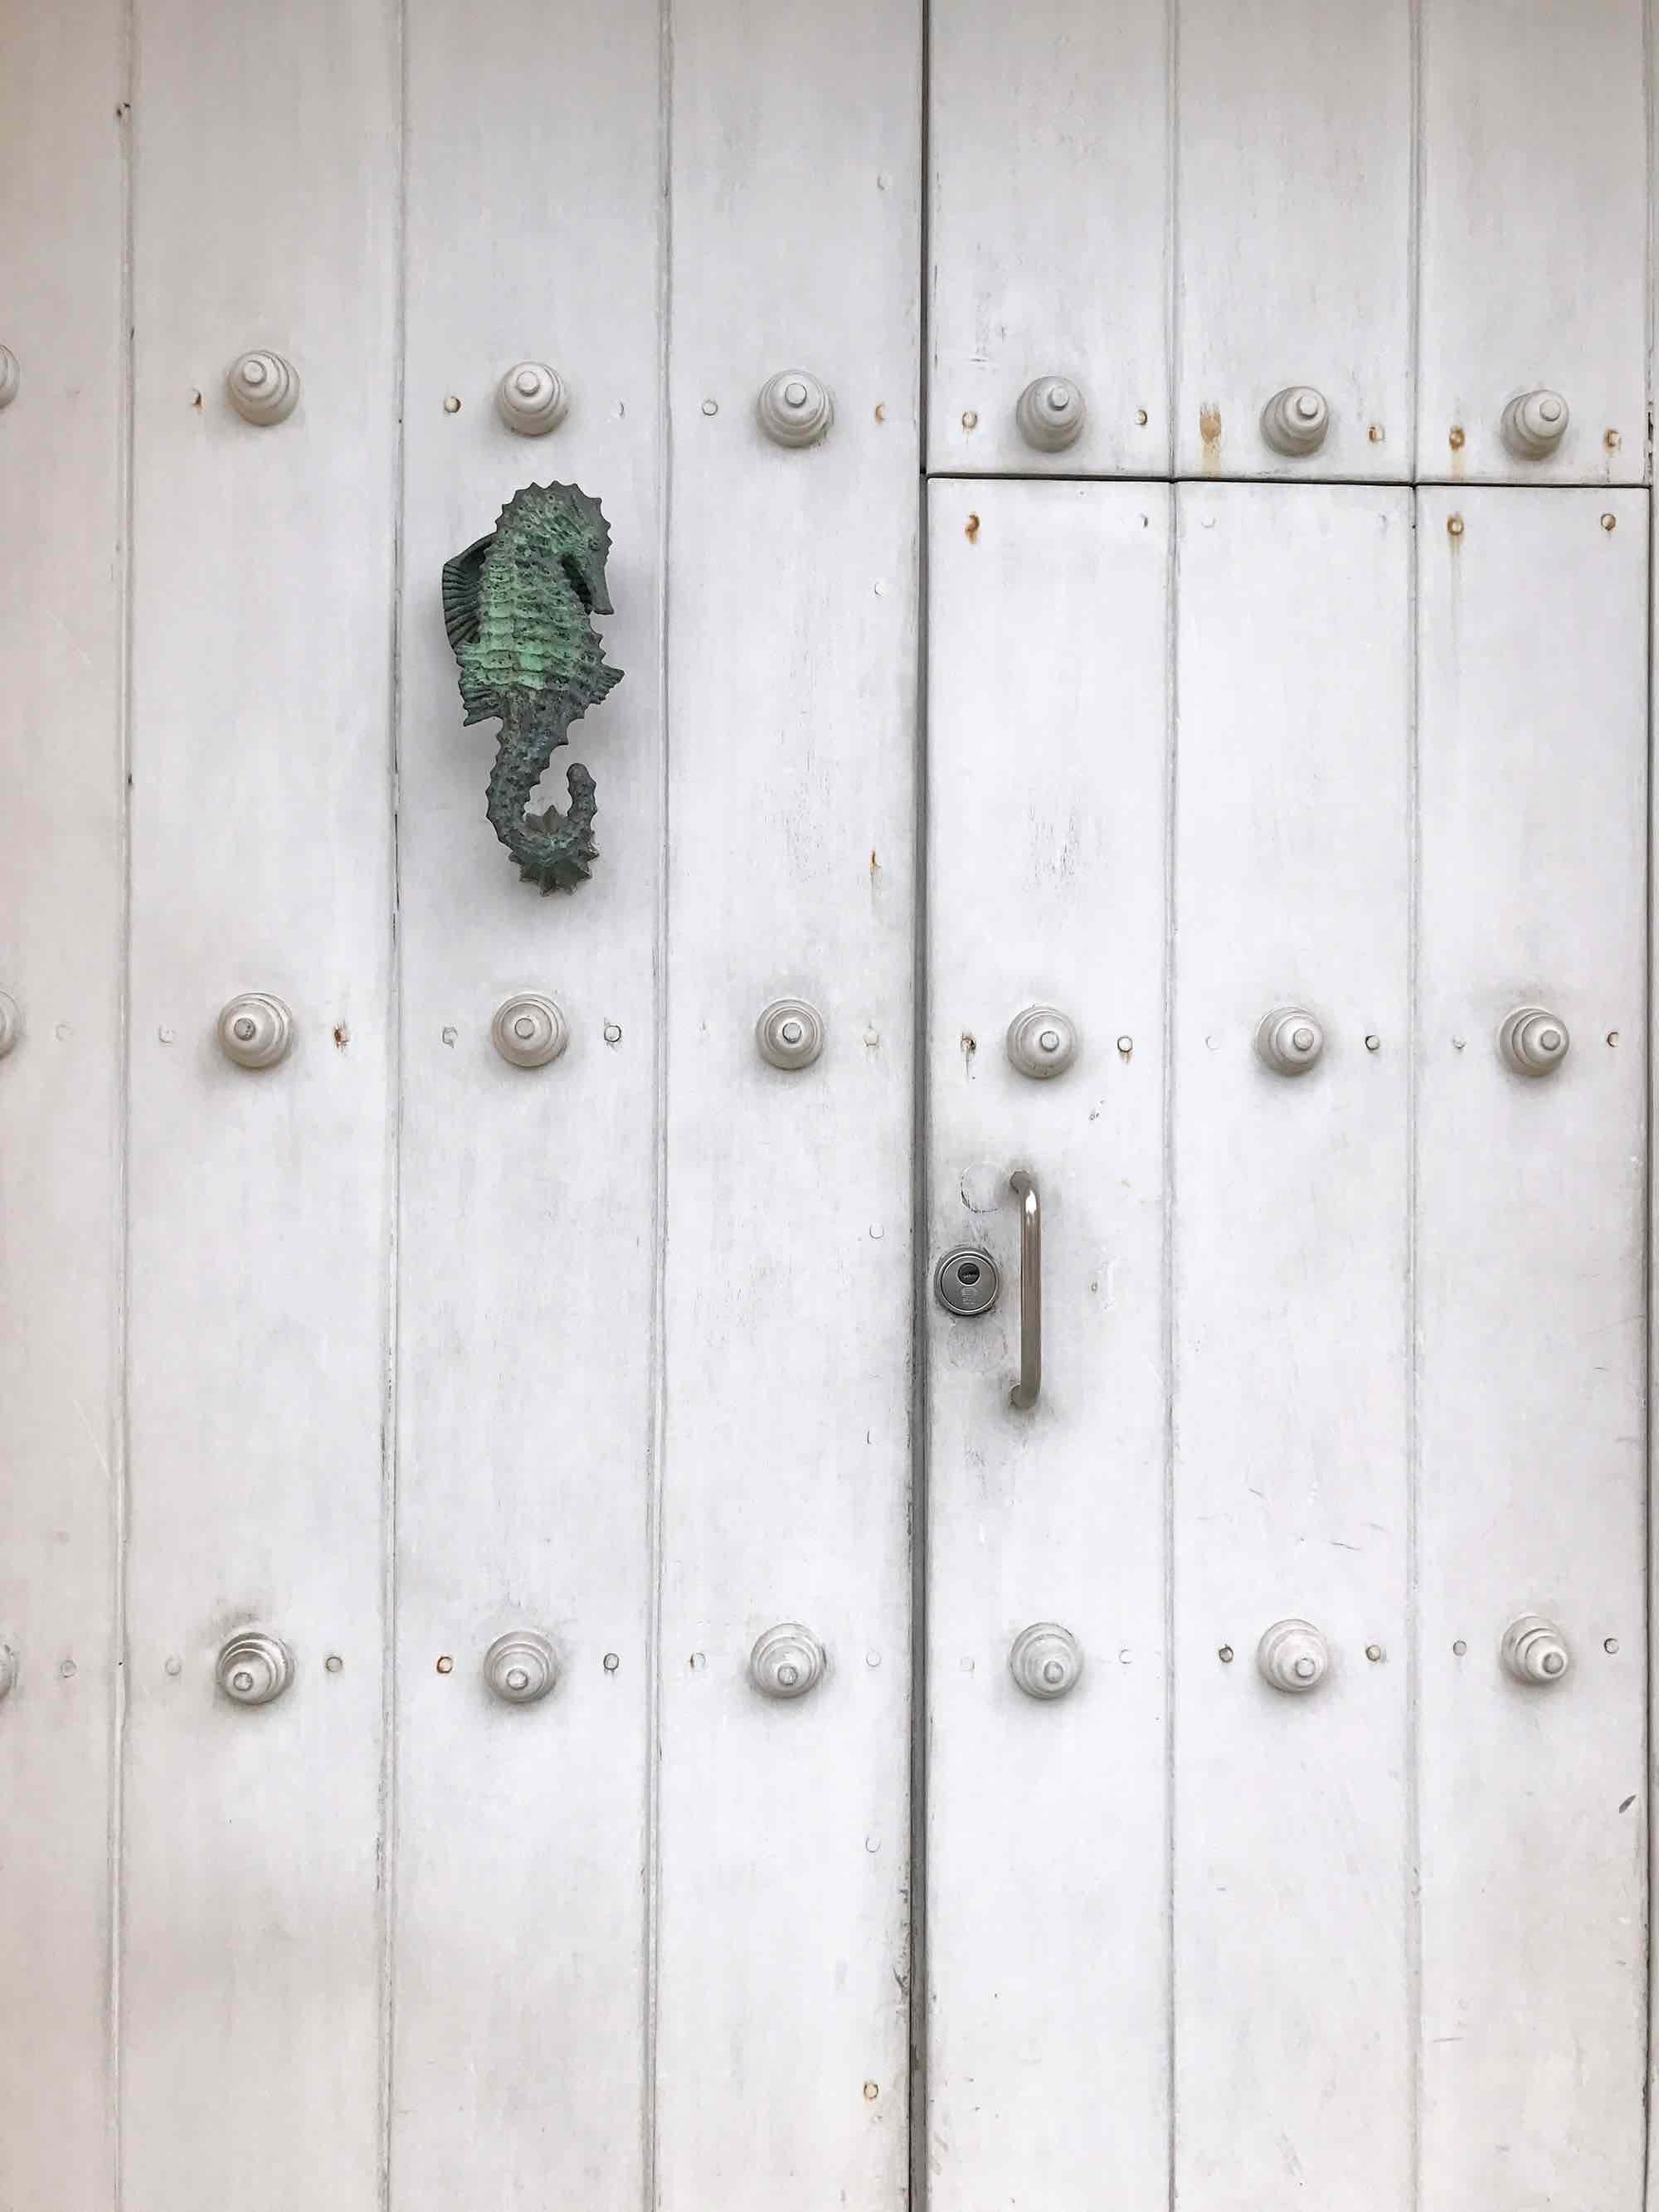 Seahorse door knocker | Doors and Door Knockers of Cartagena, Colombia | pictures of Cartagena, Colombia